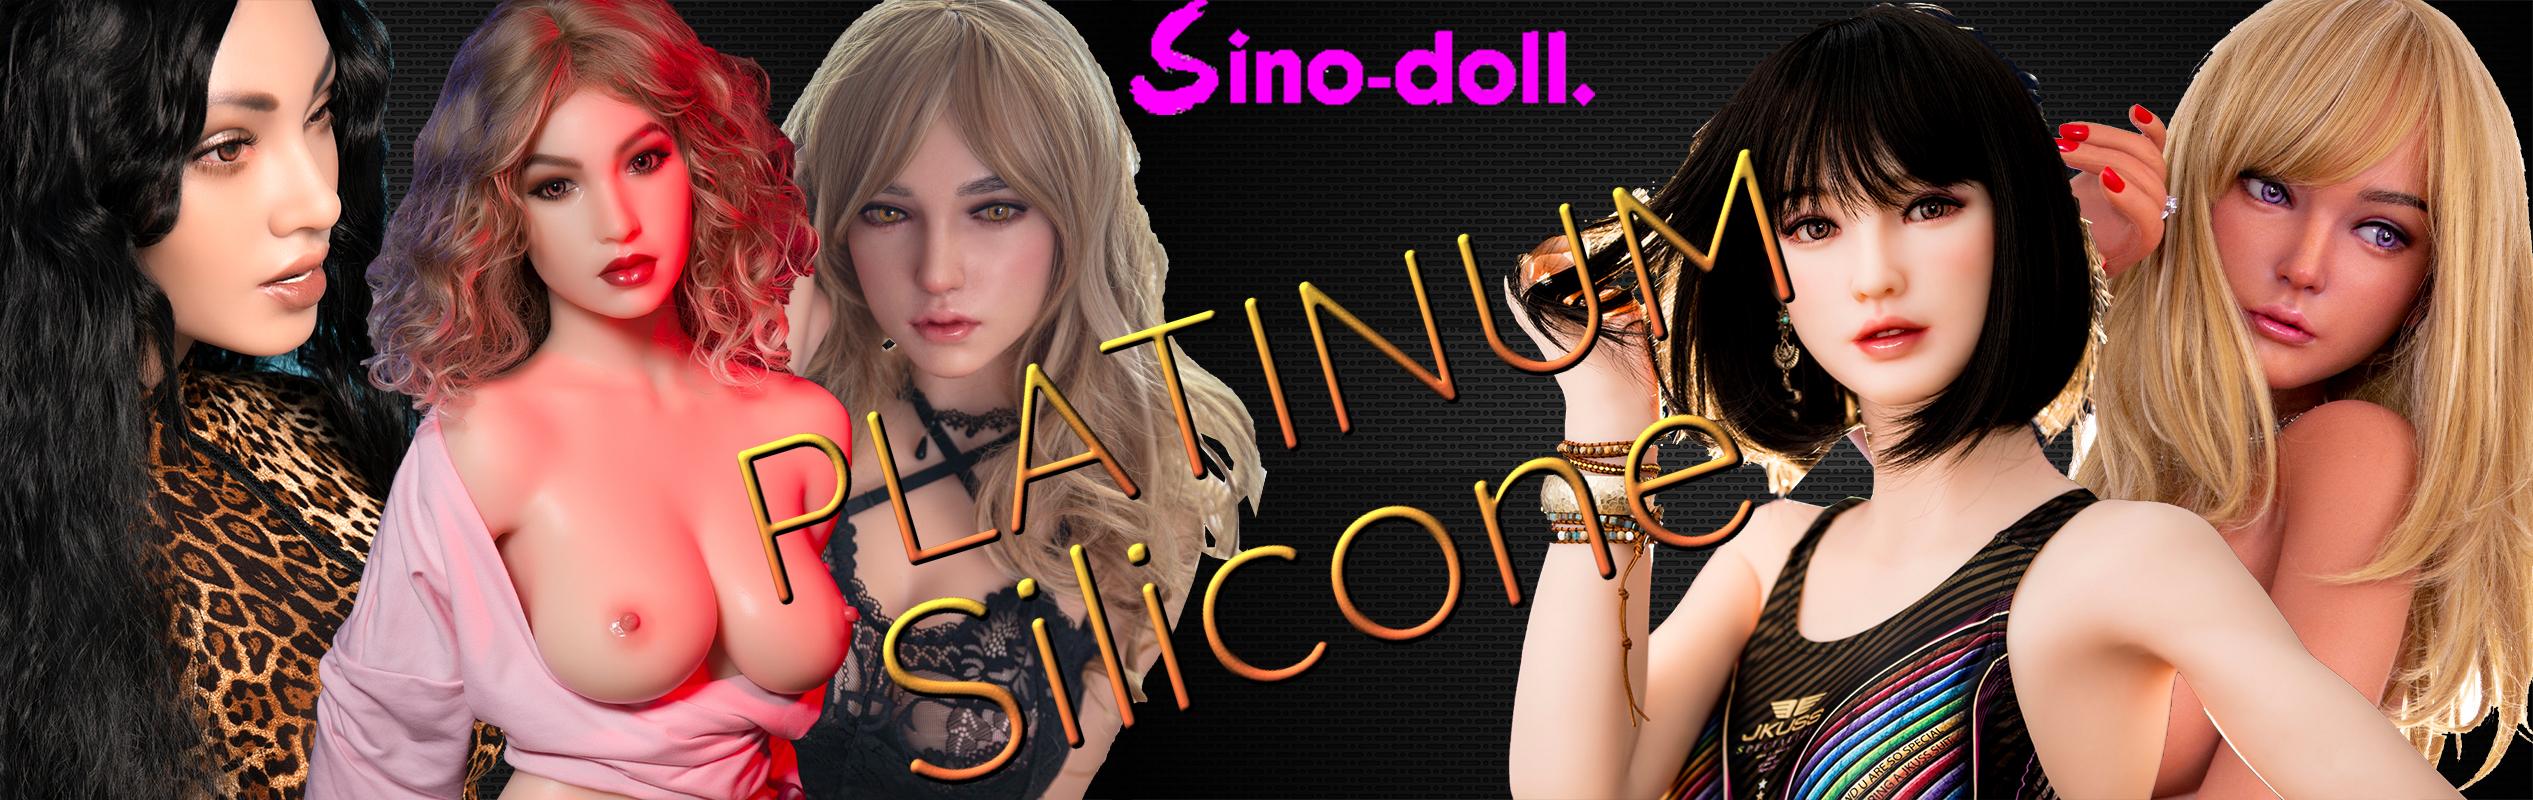 Sino Dolls